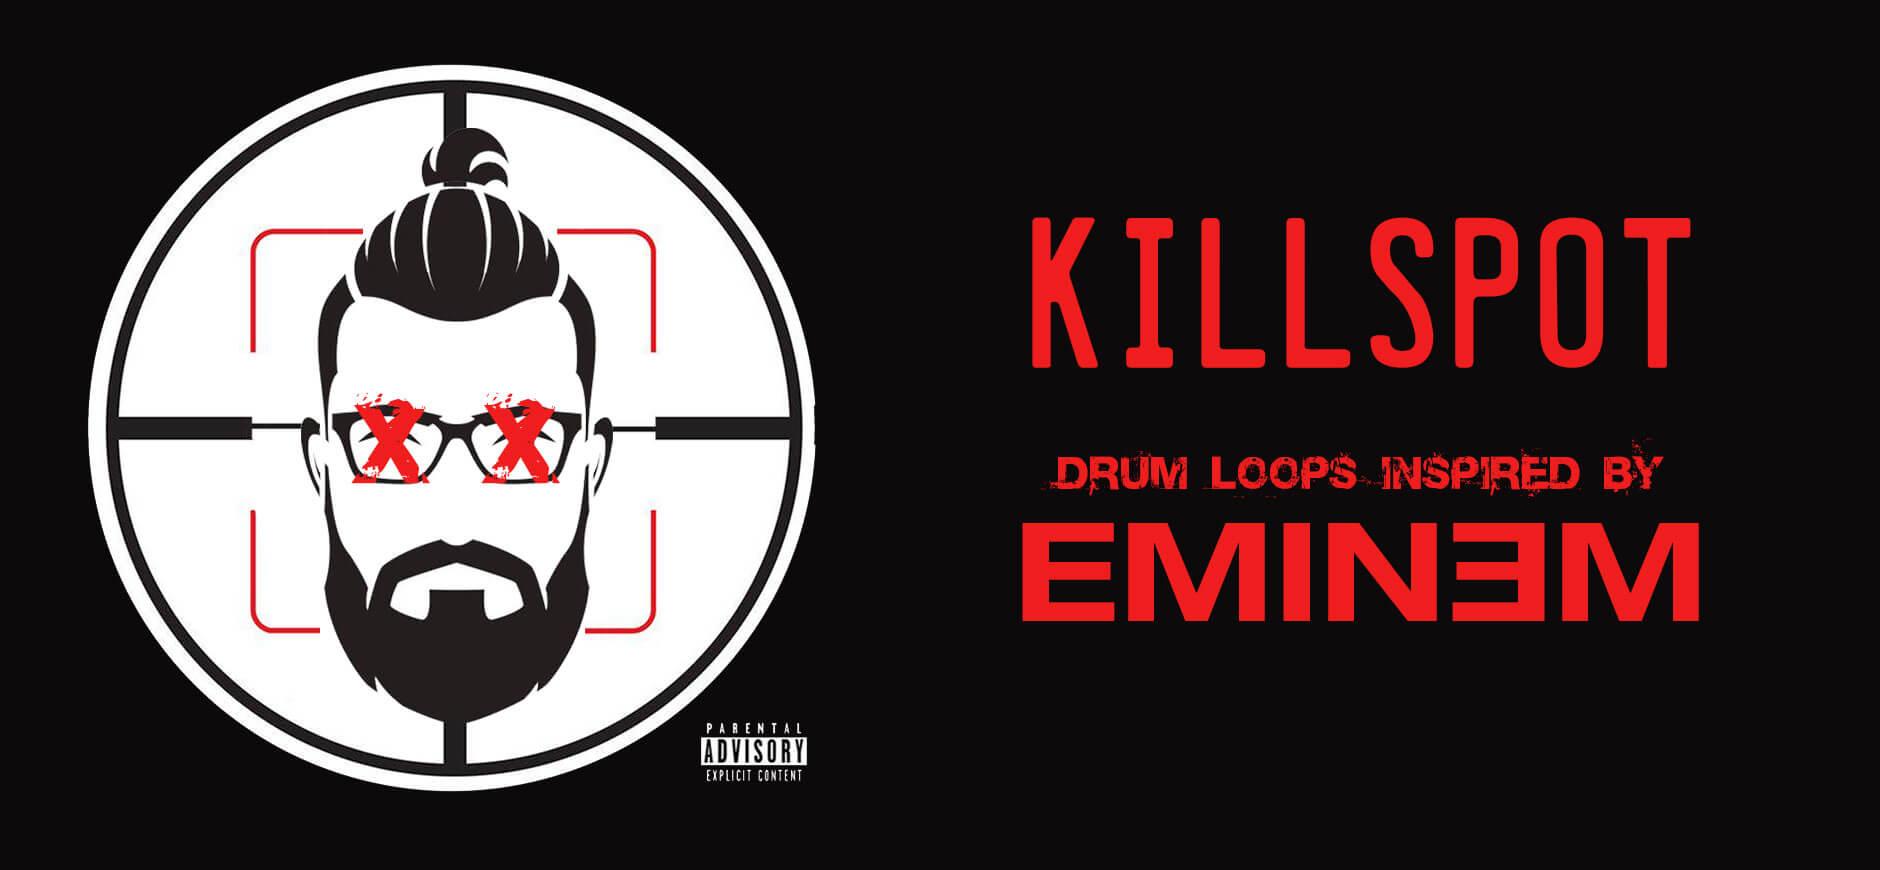 Killshot Drum Loops Kit Inspired by Eminem